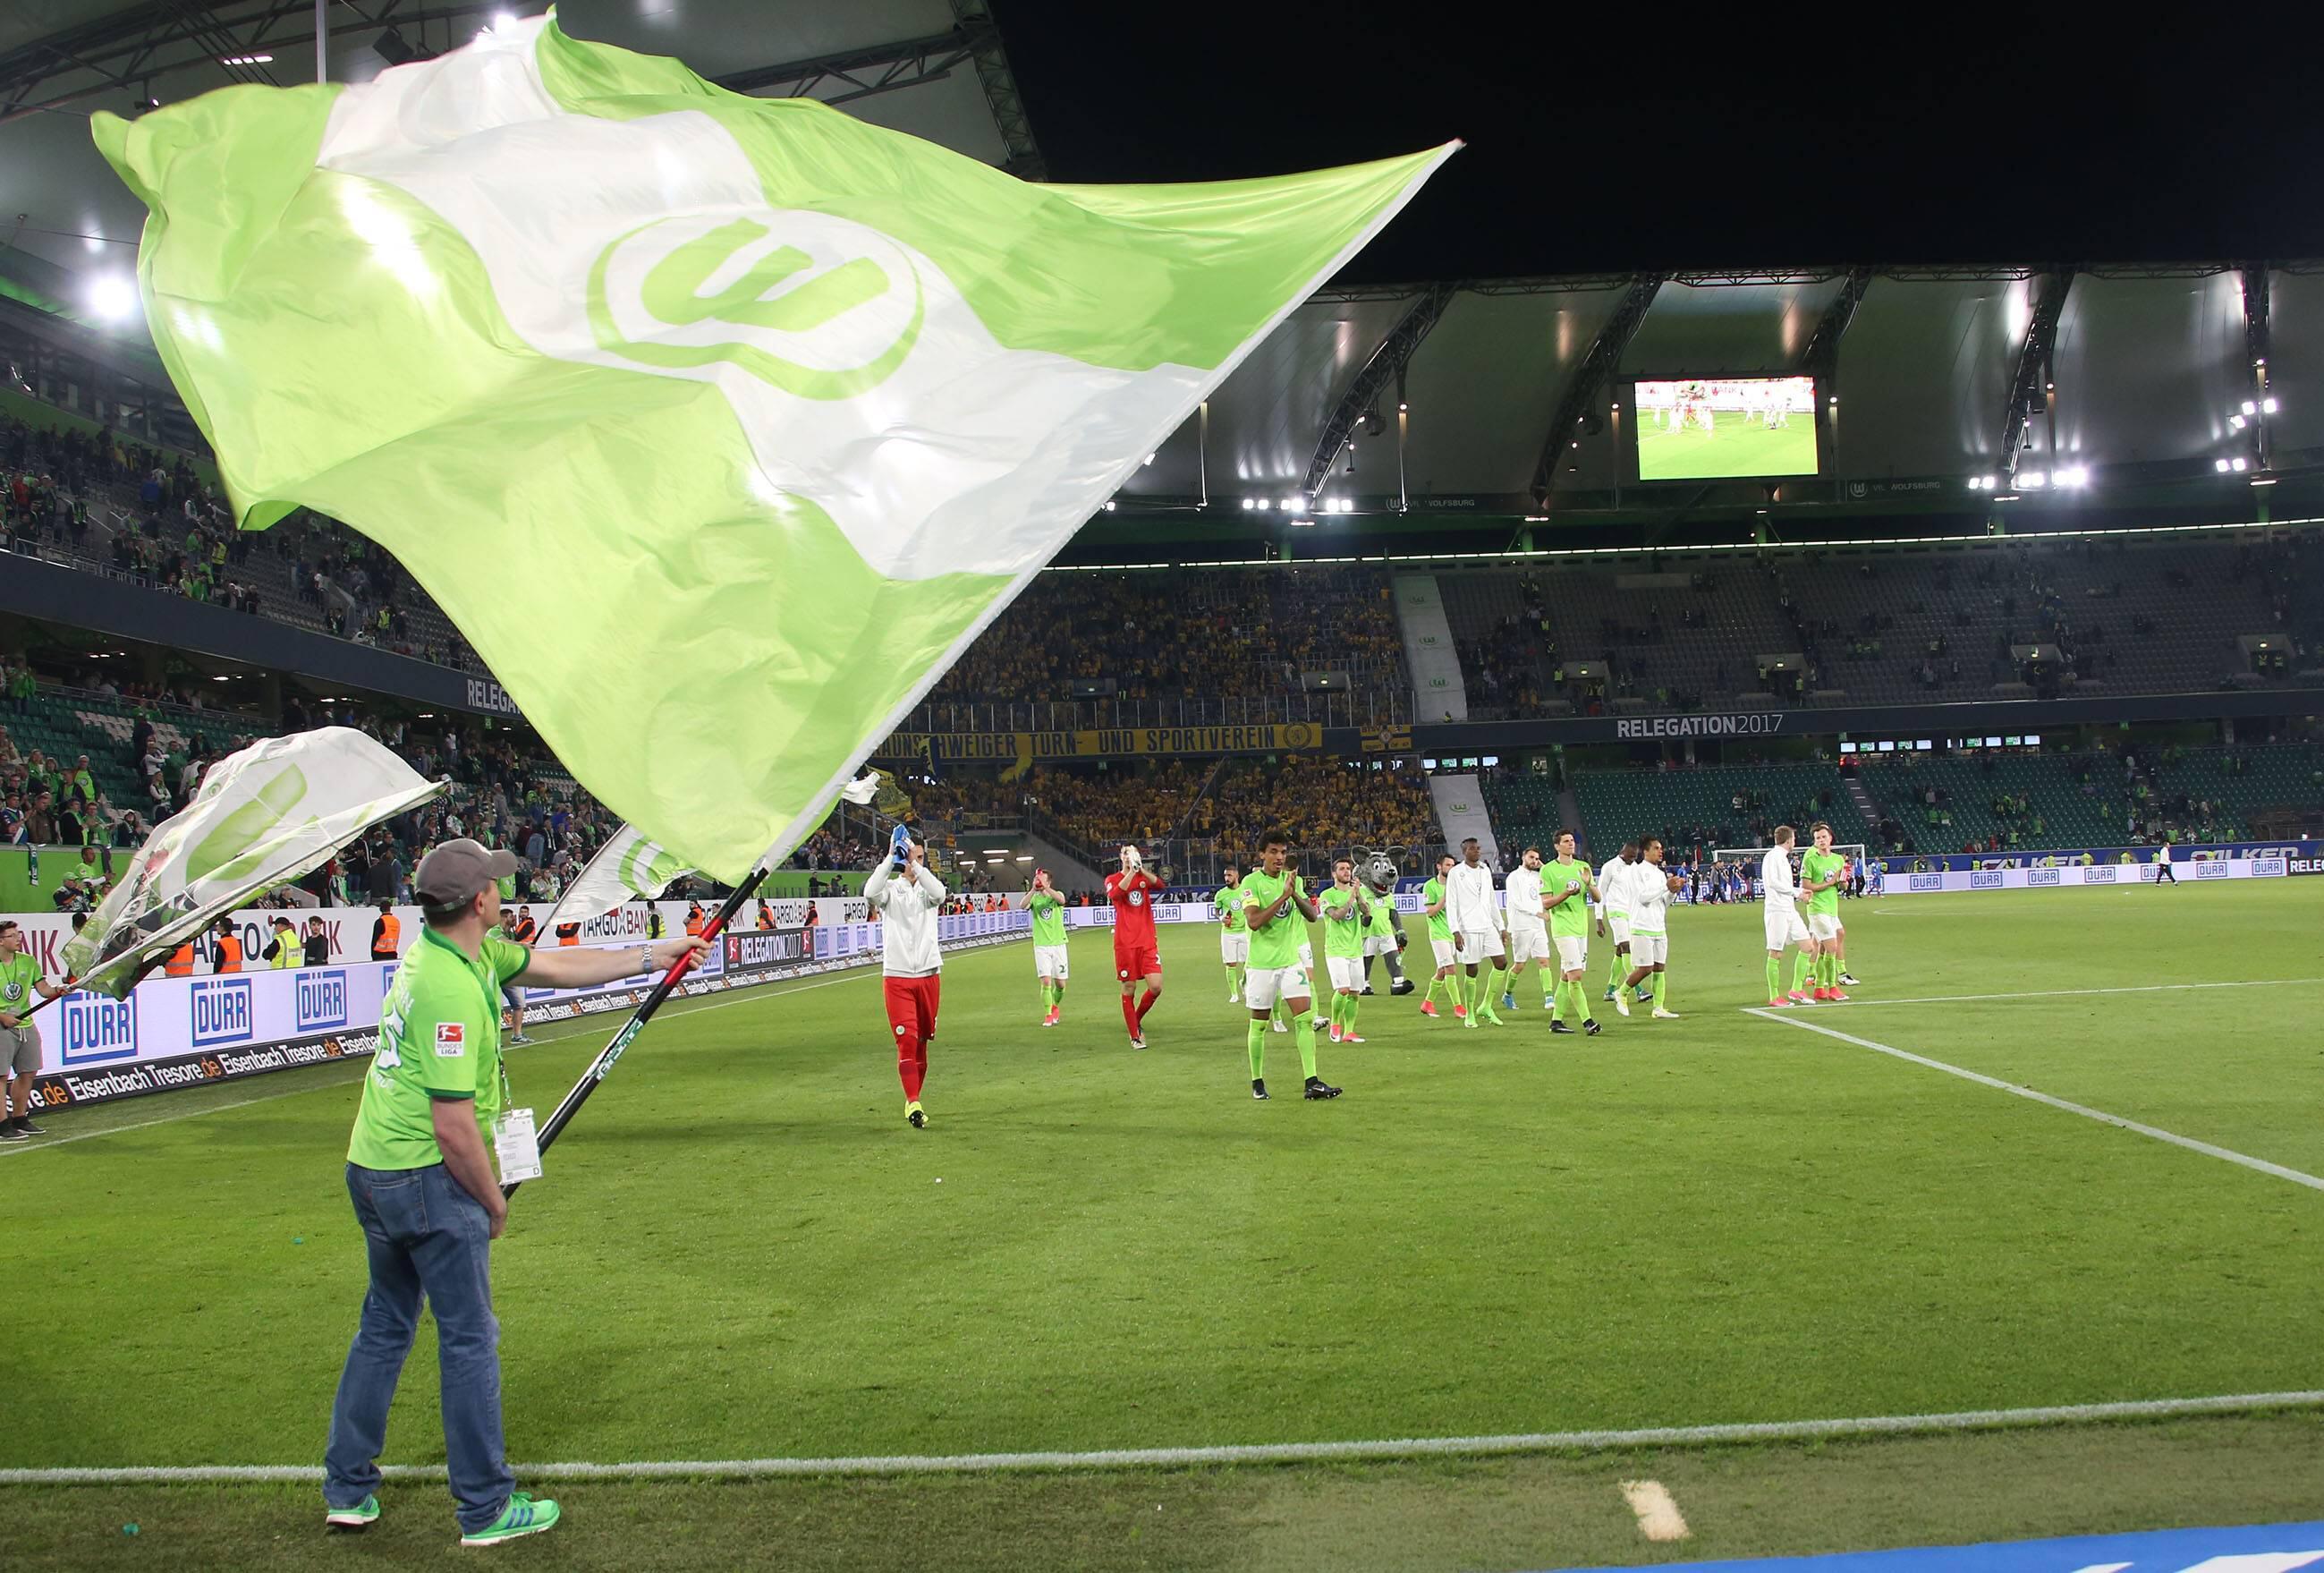 Bild zu Relegation, VfL Wolfsburg, Eintracht Braunschweig, Fakten